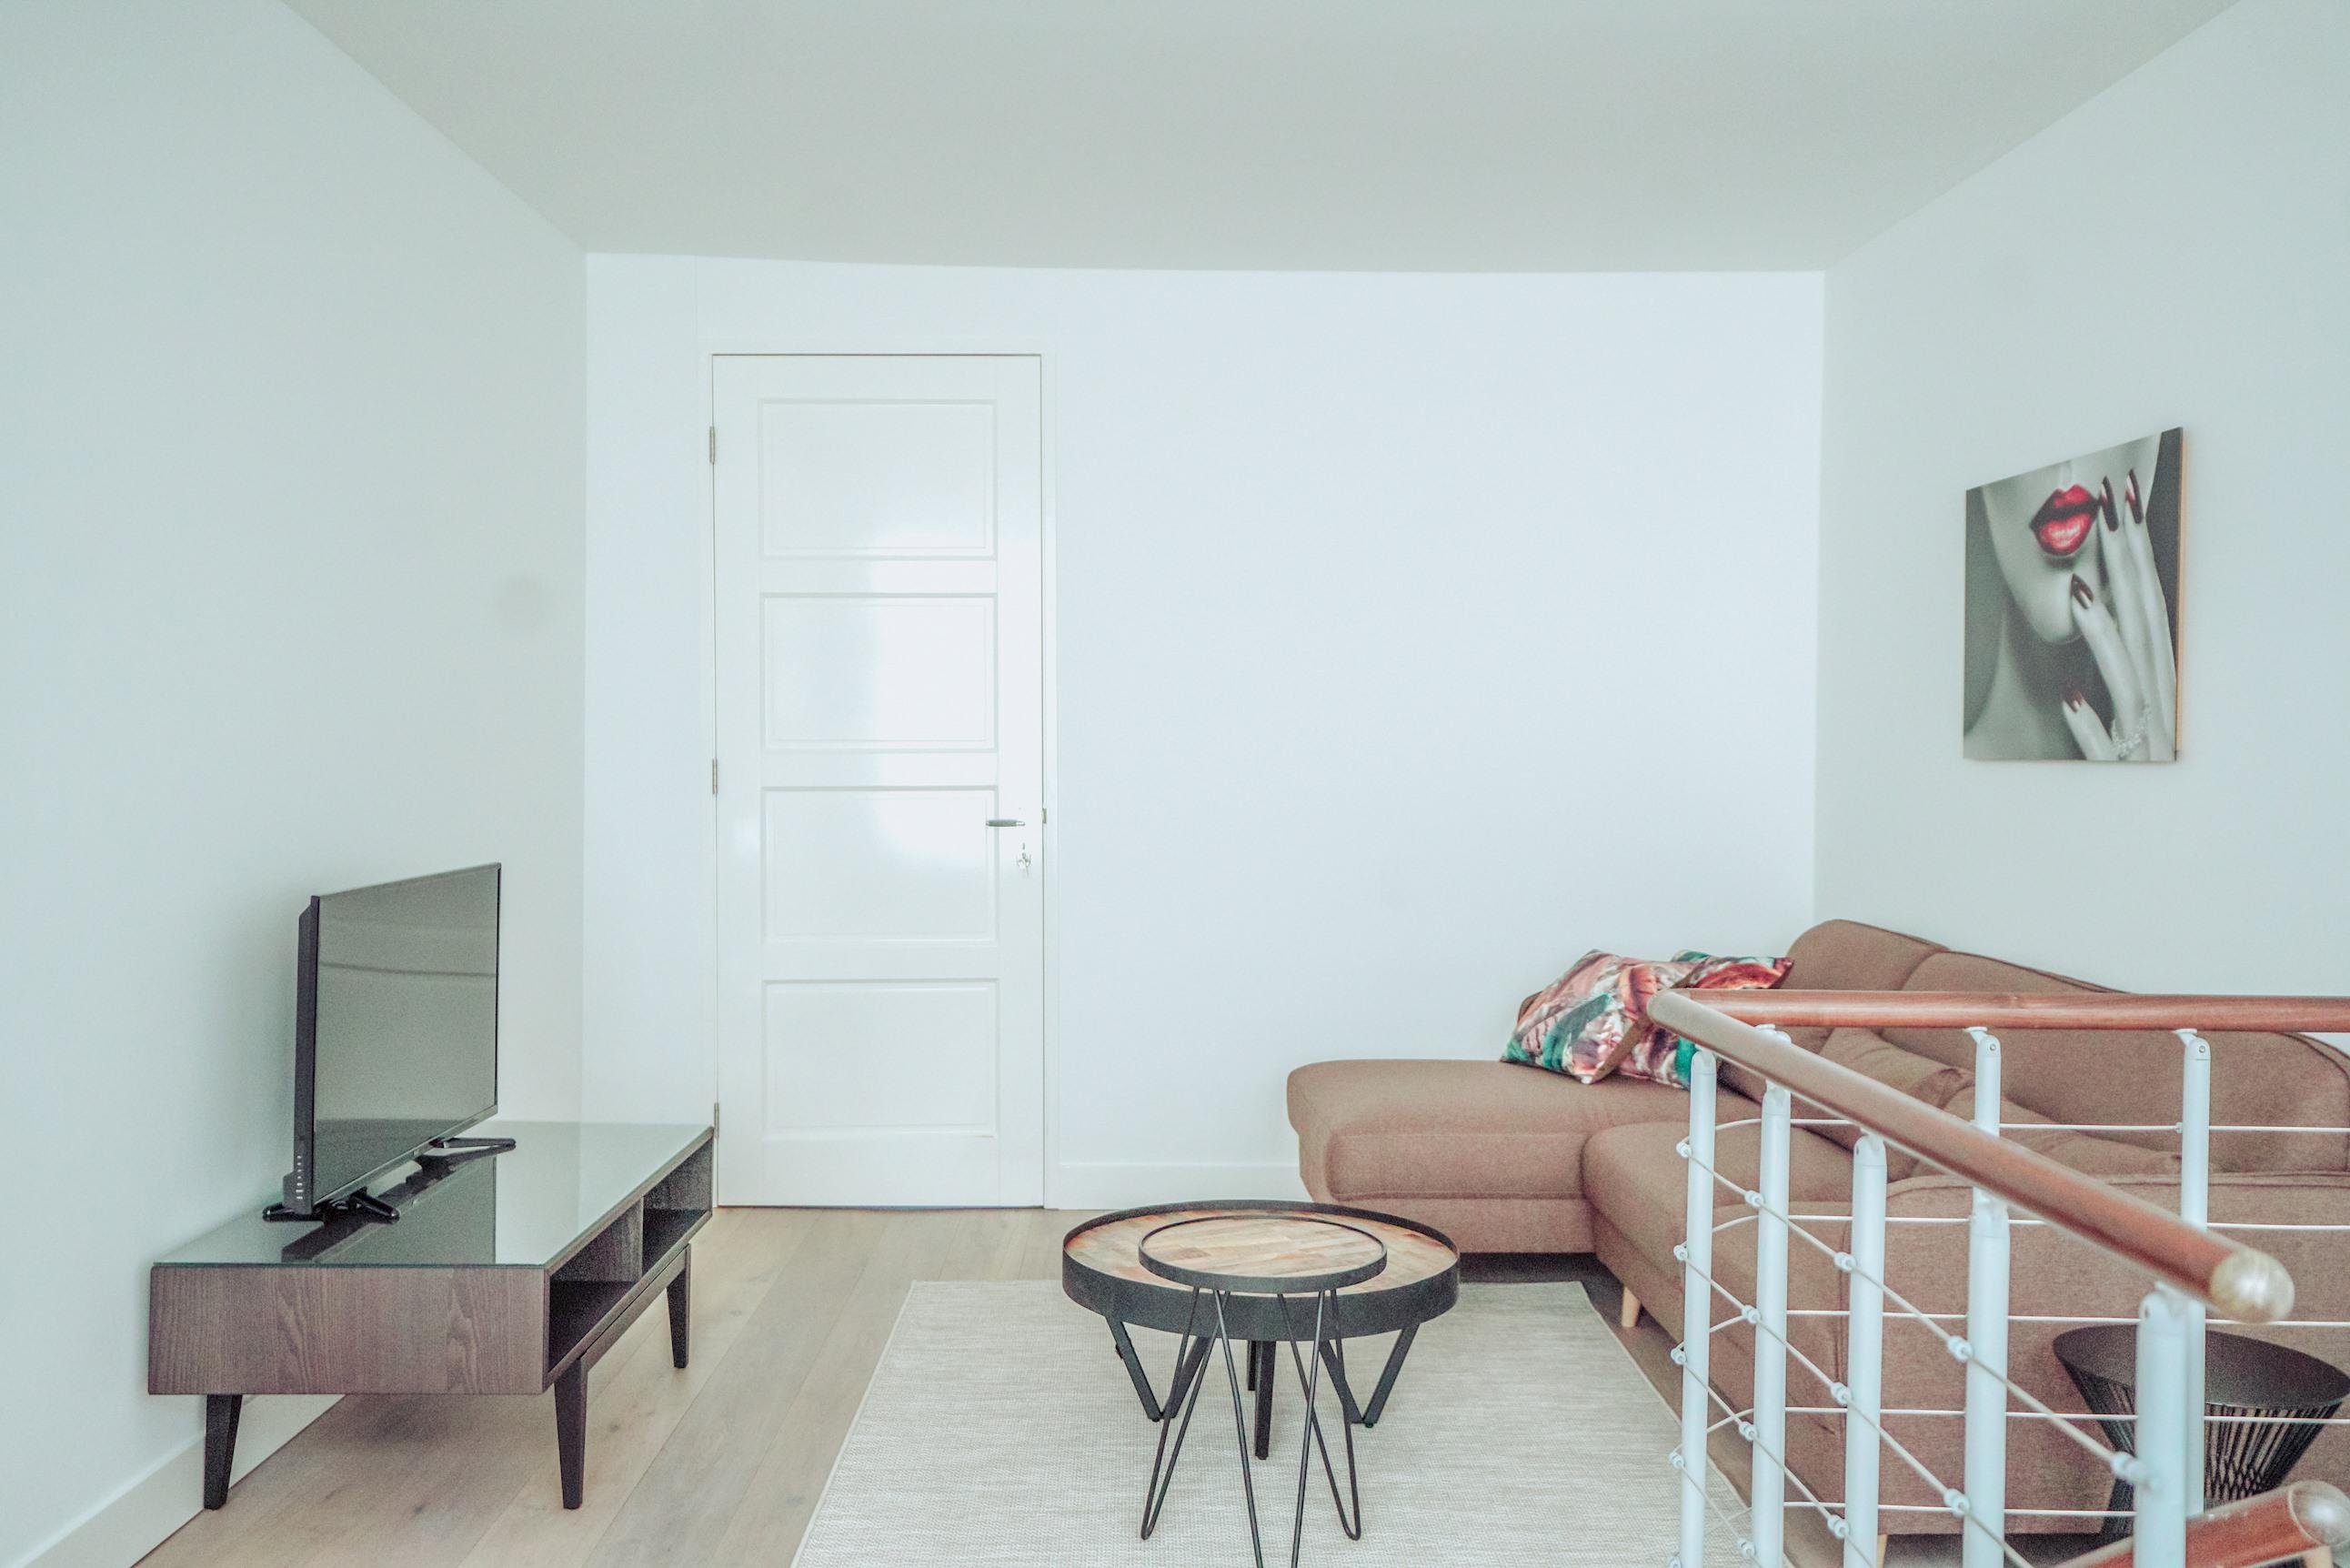 Apartment Amsterdam Apartments Leidsesquare First Floor Duplex photo 16938806